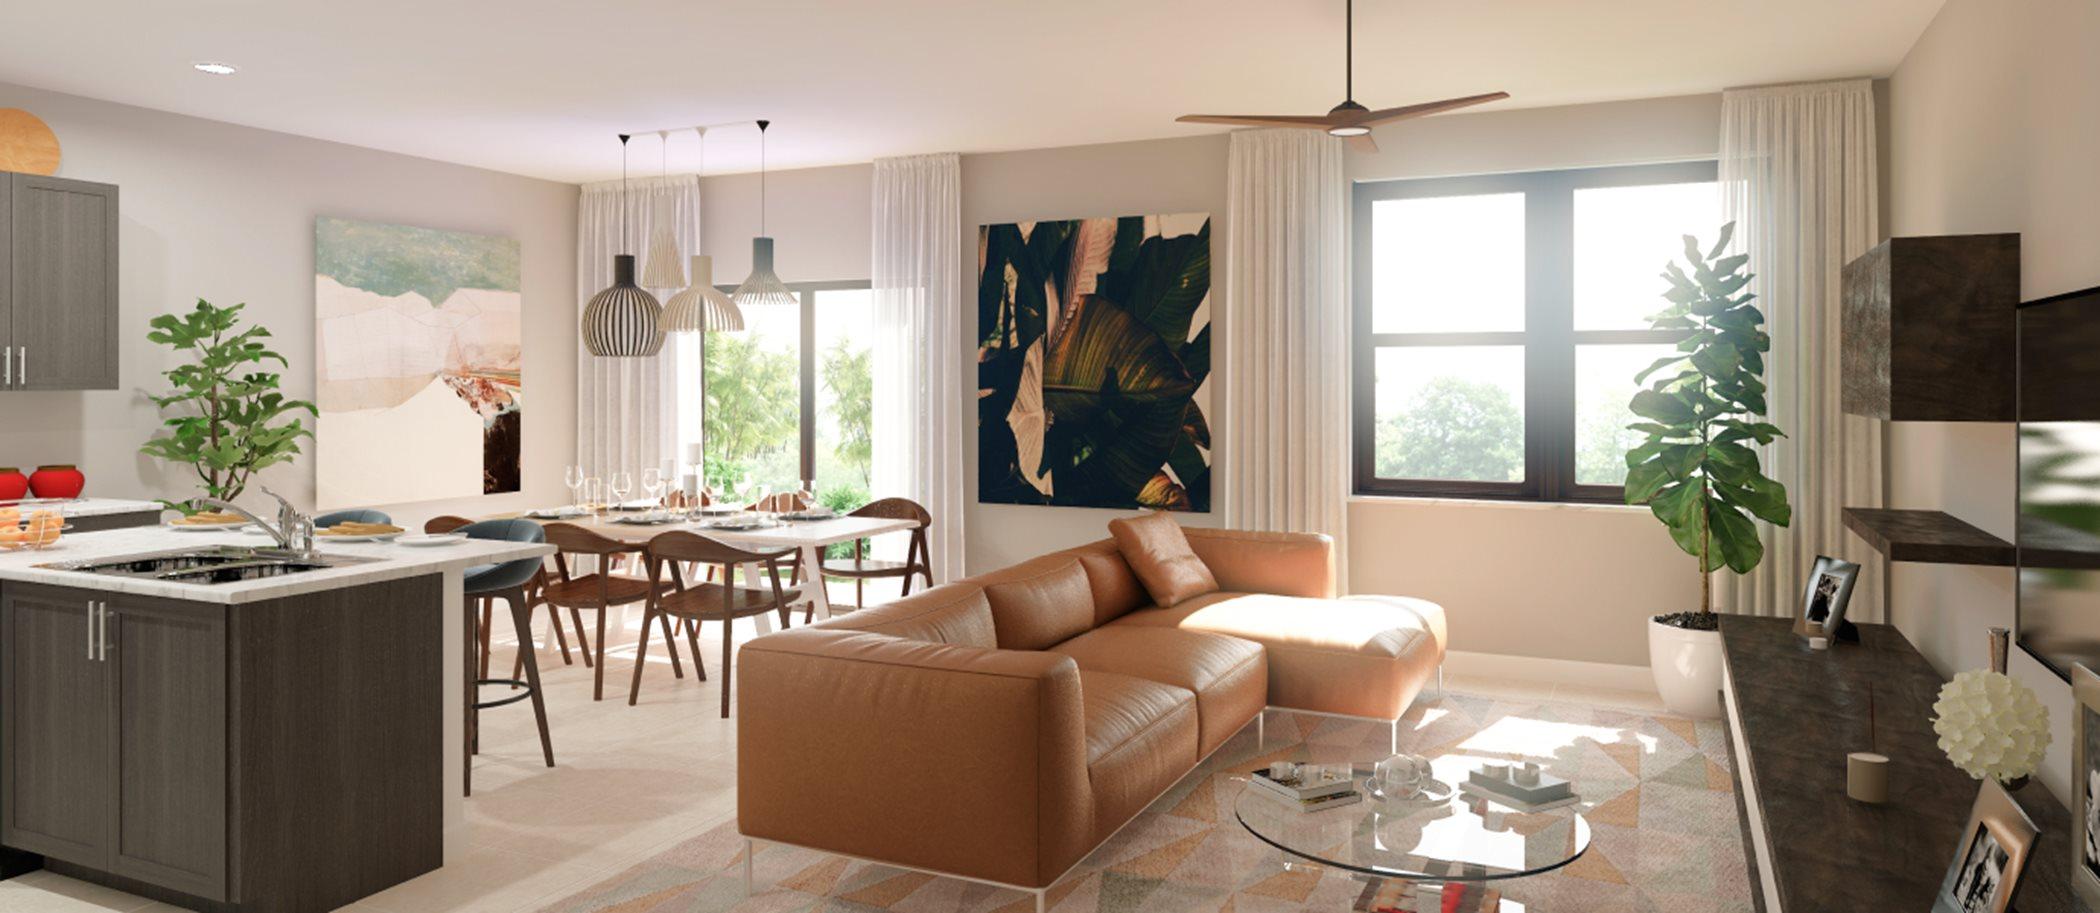 Crystal Cay Mariner - Howard Living Room